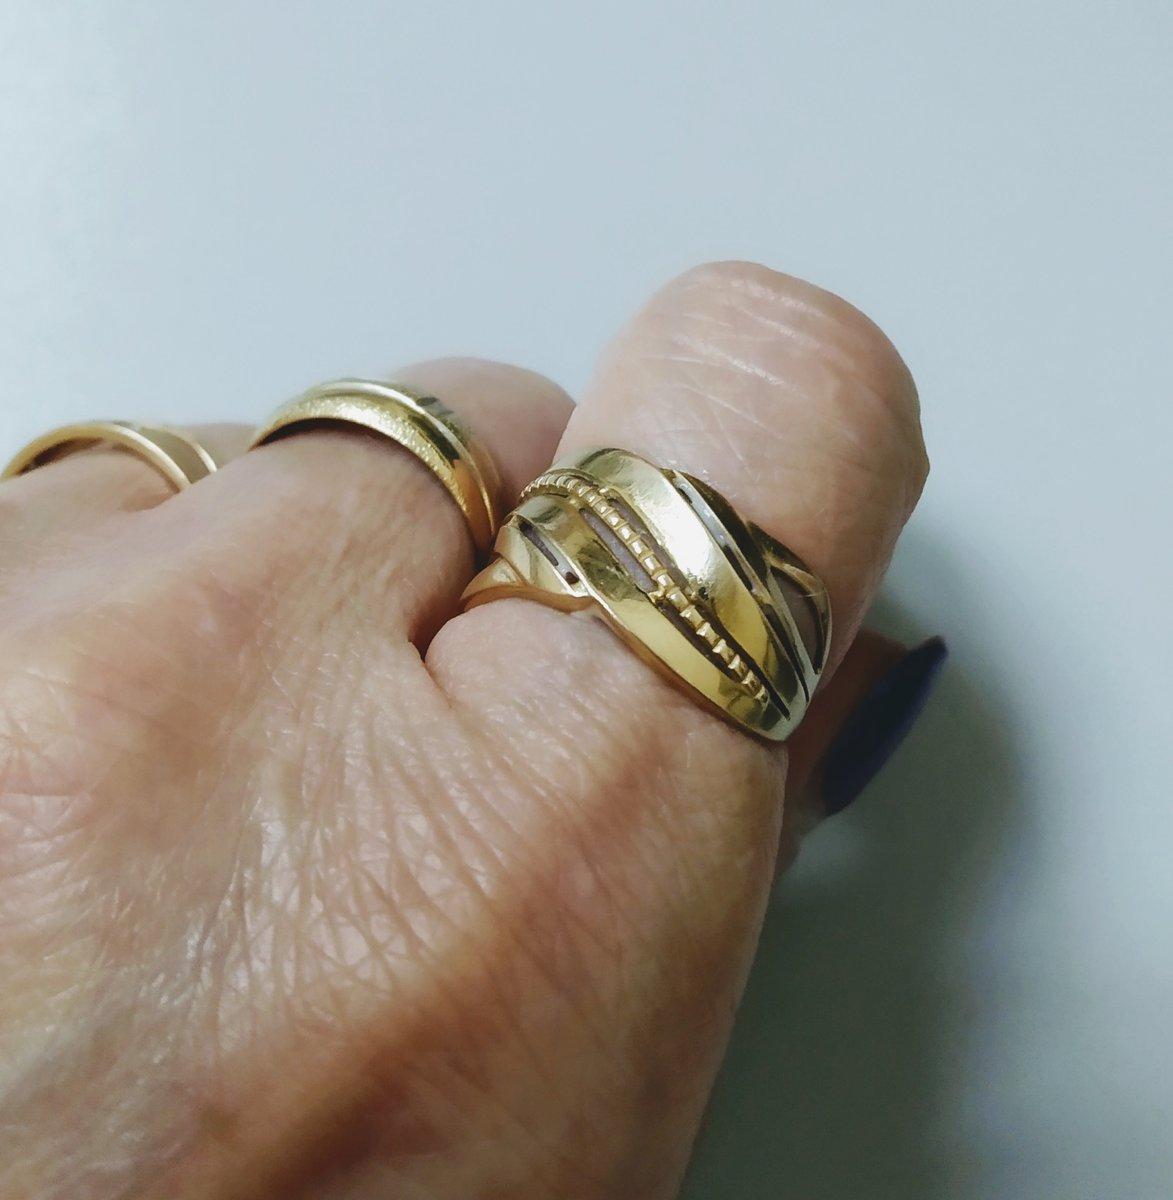 Кольцо аккуратное, милое. смотрится очень богато.